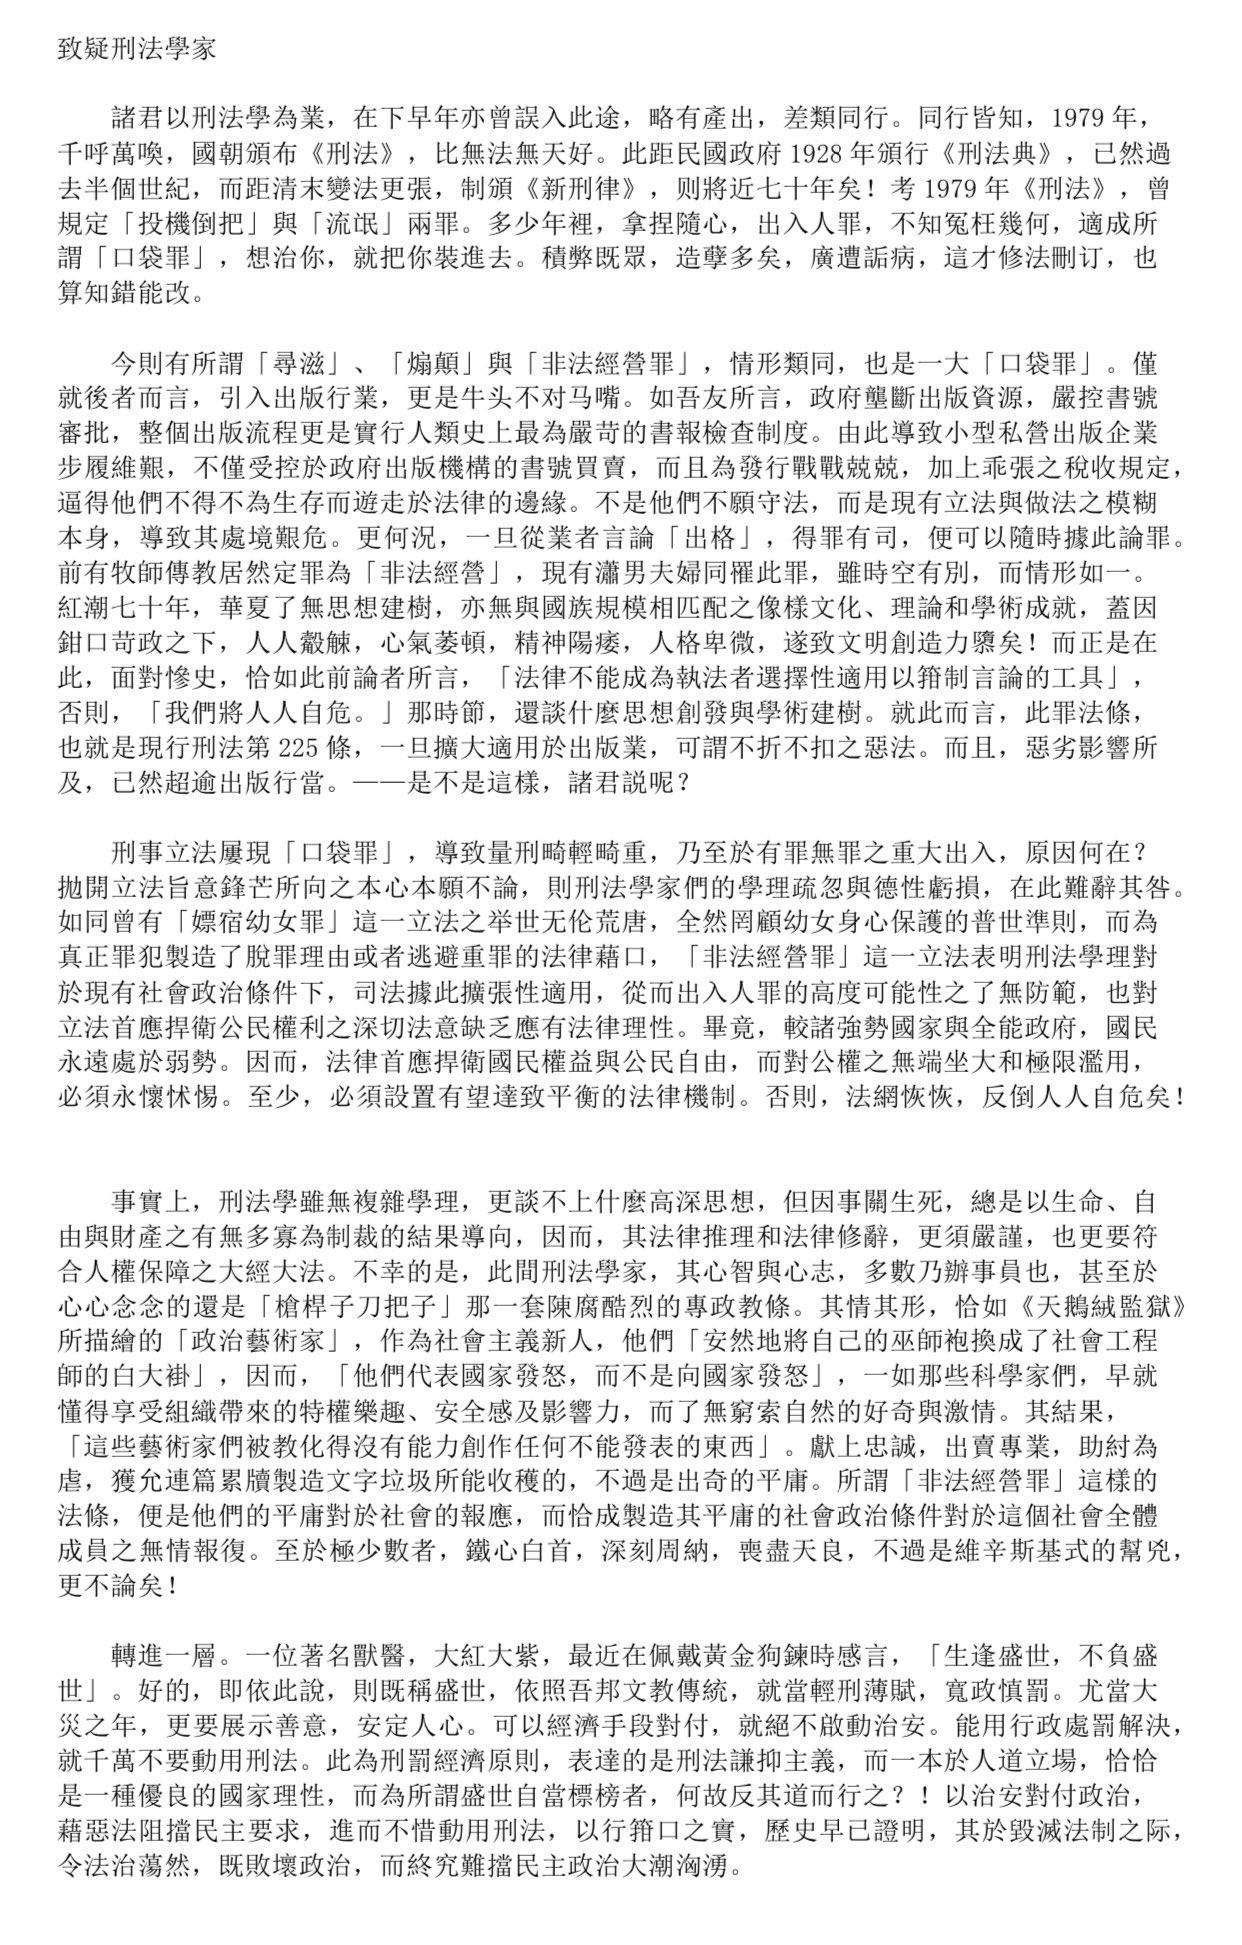 """前清华教授许章润斥中共""""口袋罪""""  吁法学家不要助纣为虐(附全文)"""